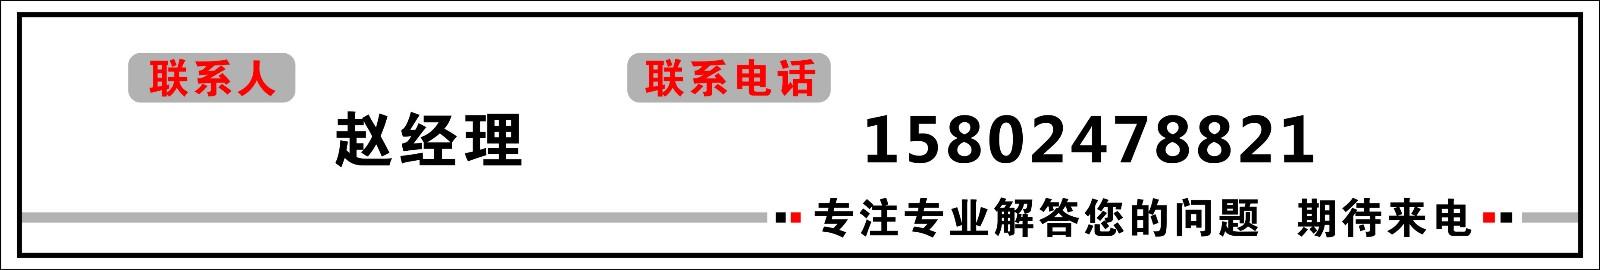 圆盘式高杆灯|高杆灯-沈阳市宏耀伟业灯具制造有限公司